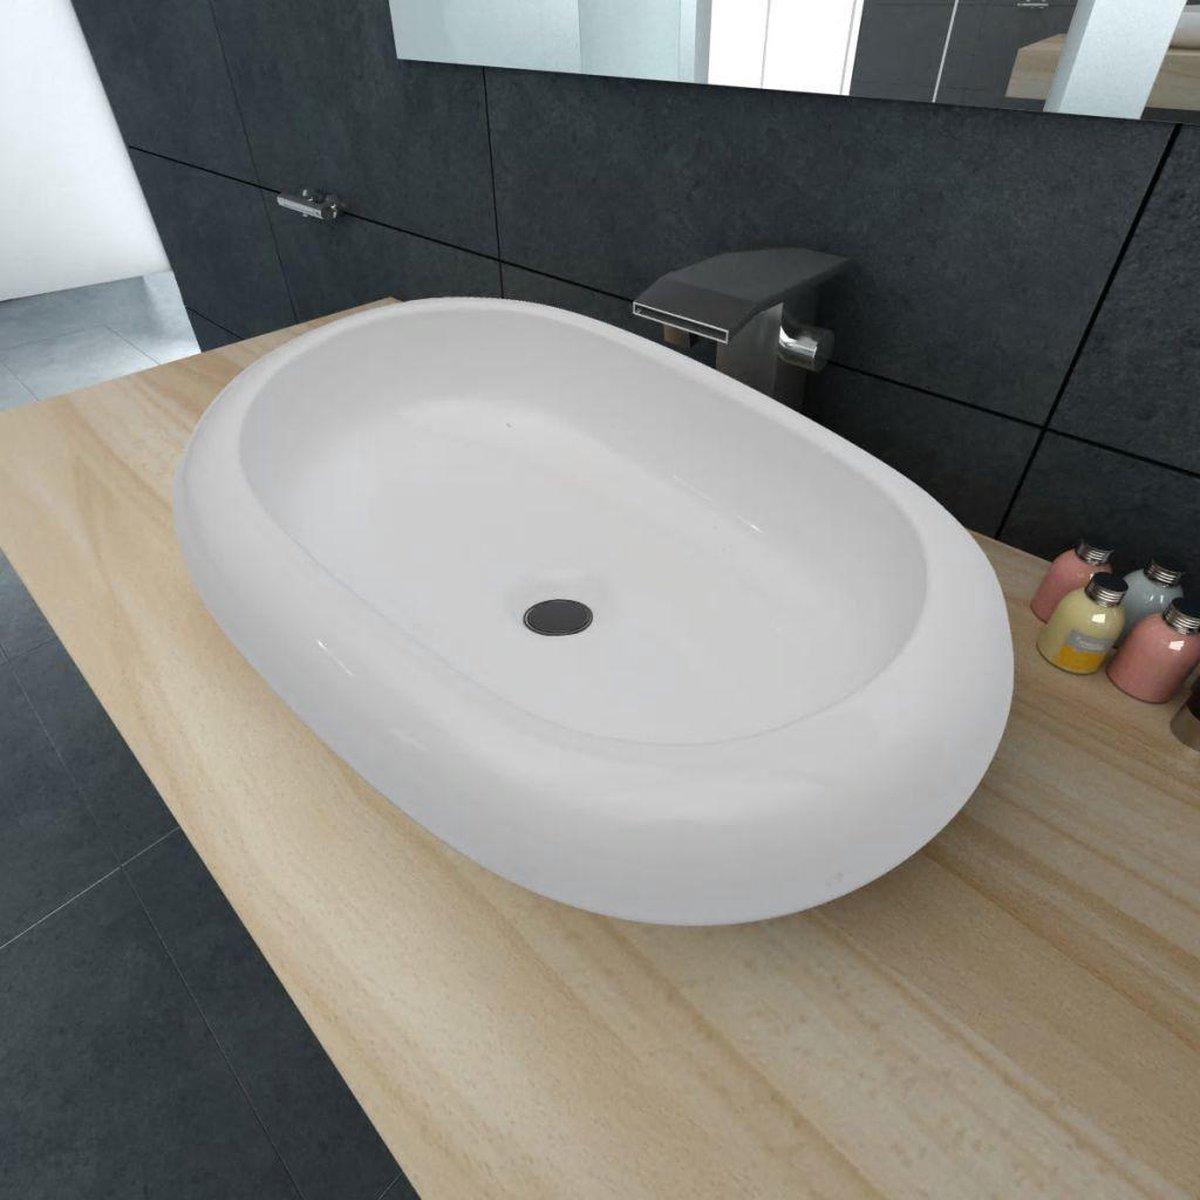 vidaXL Luxe keramische wasbak ovaal 63 x 42 cm (wit)